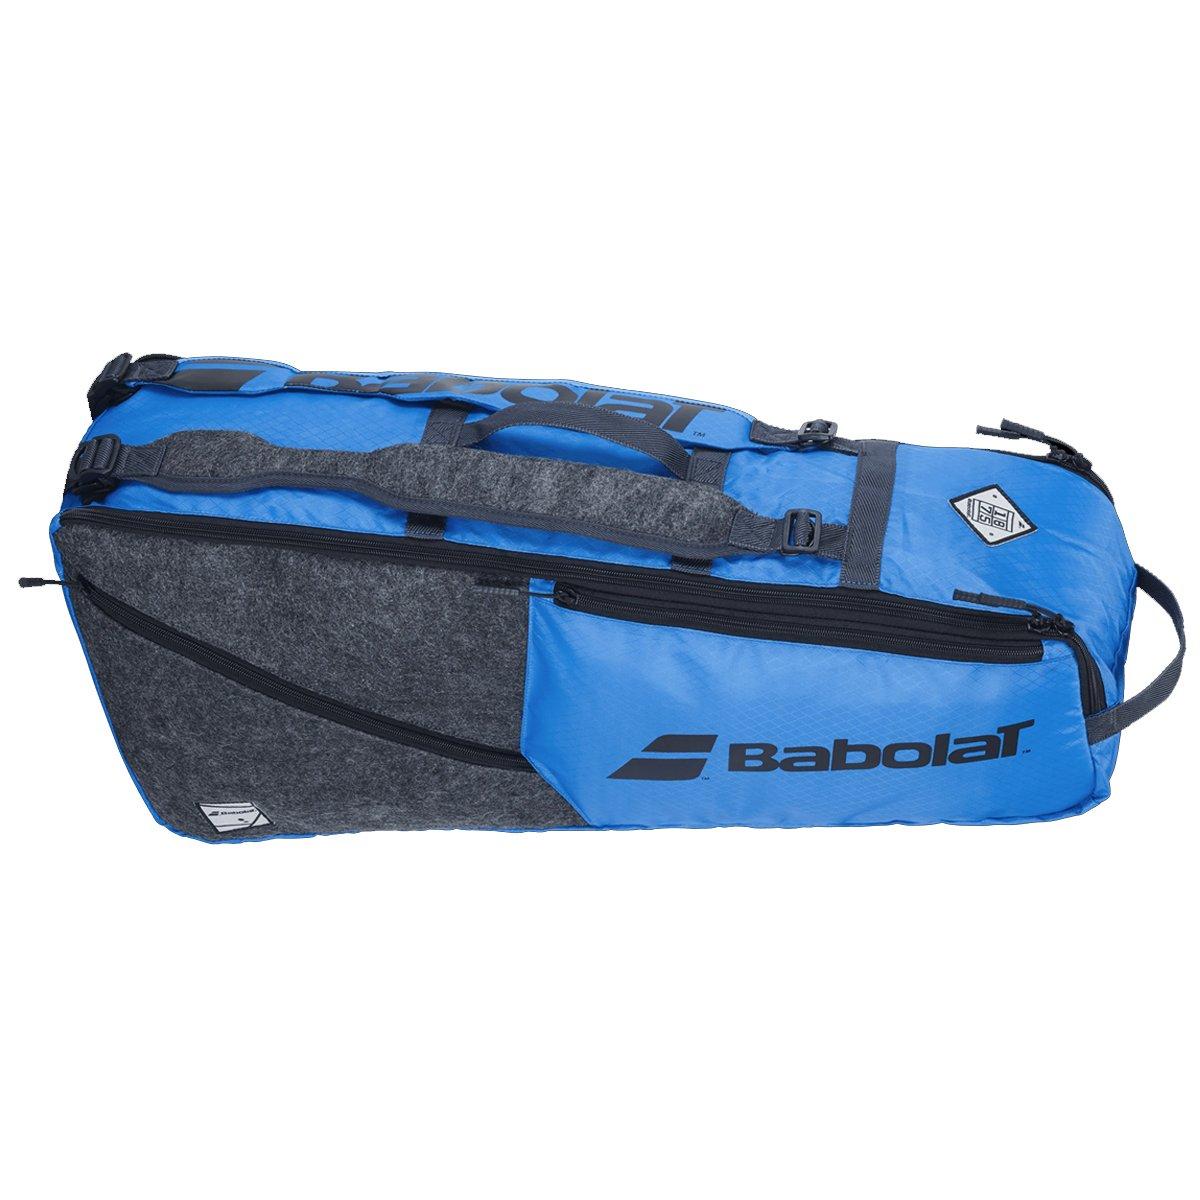 Raqueteira Babolat Rh6 Evo Azul e Cinza - 2021  - PROTENISTA